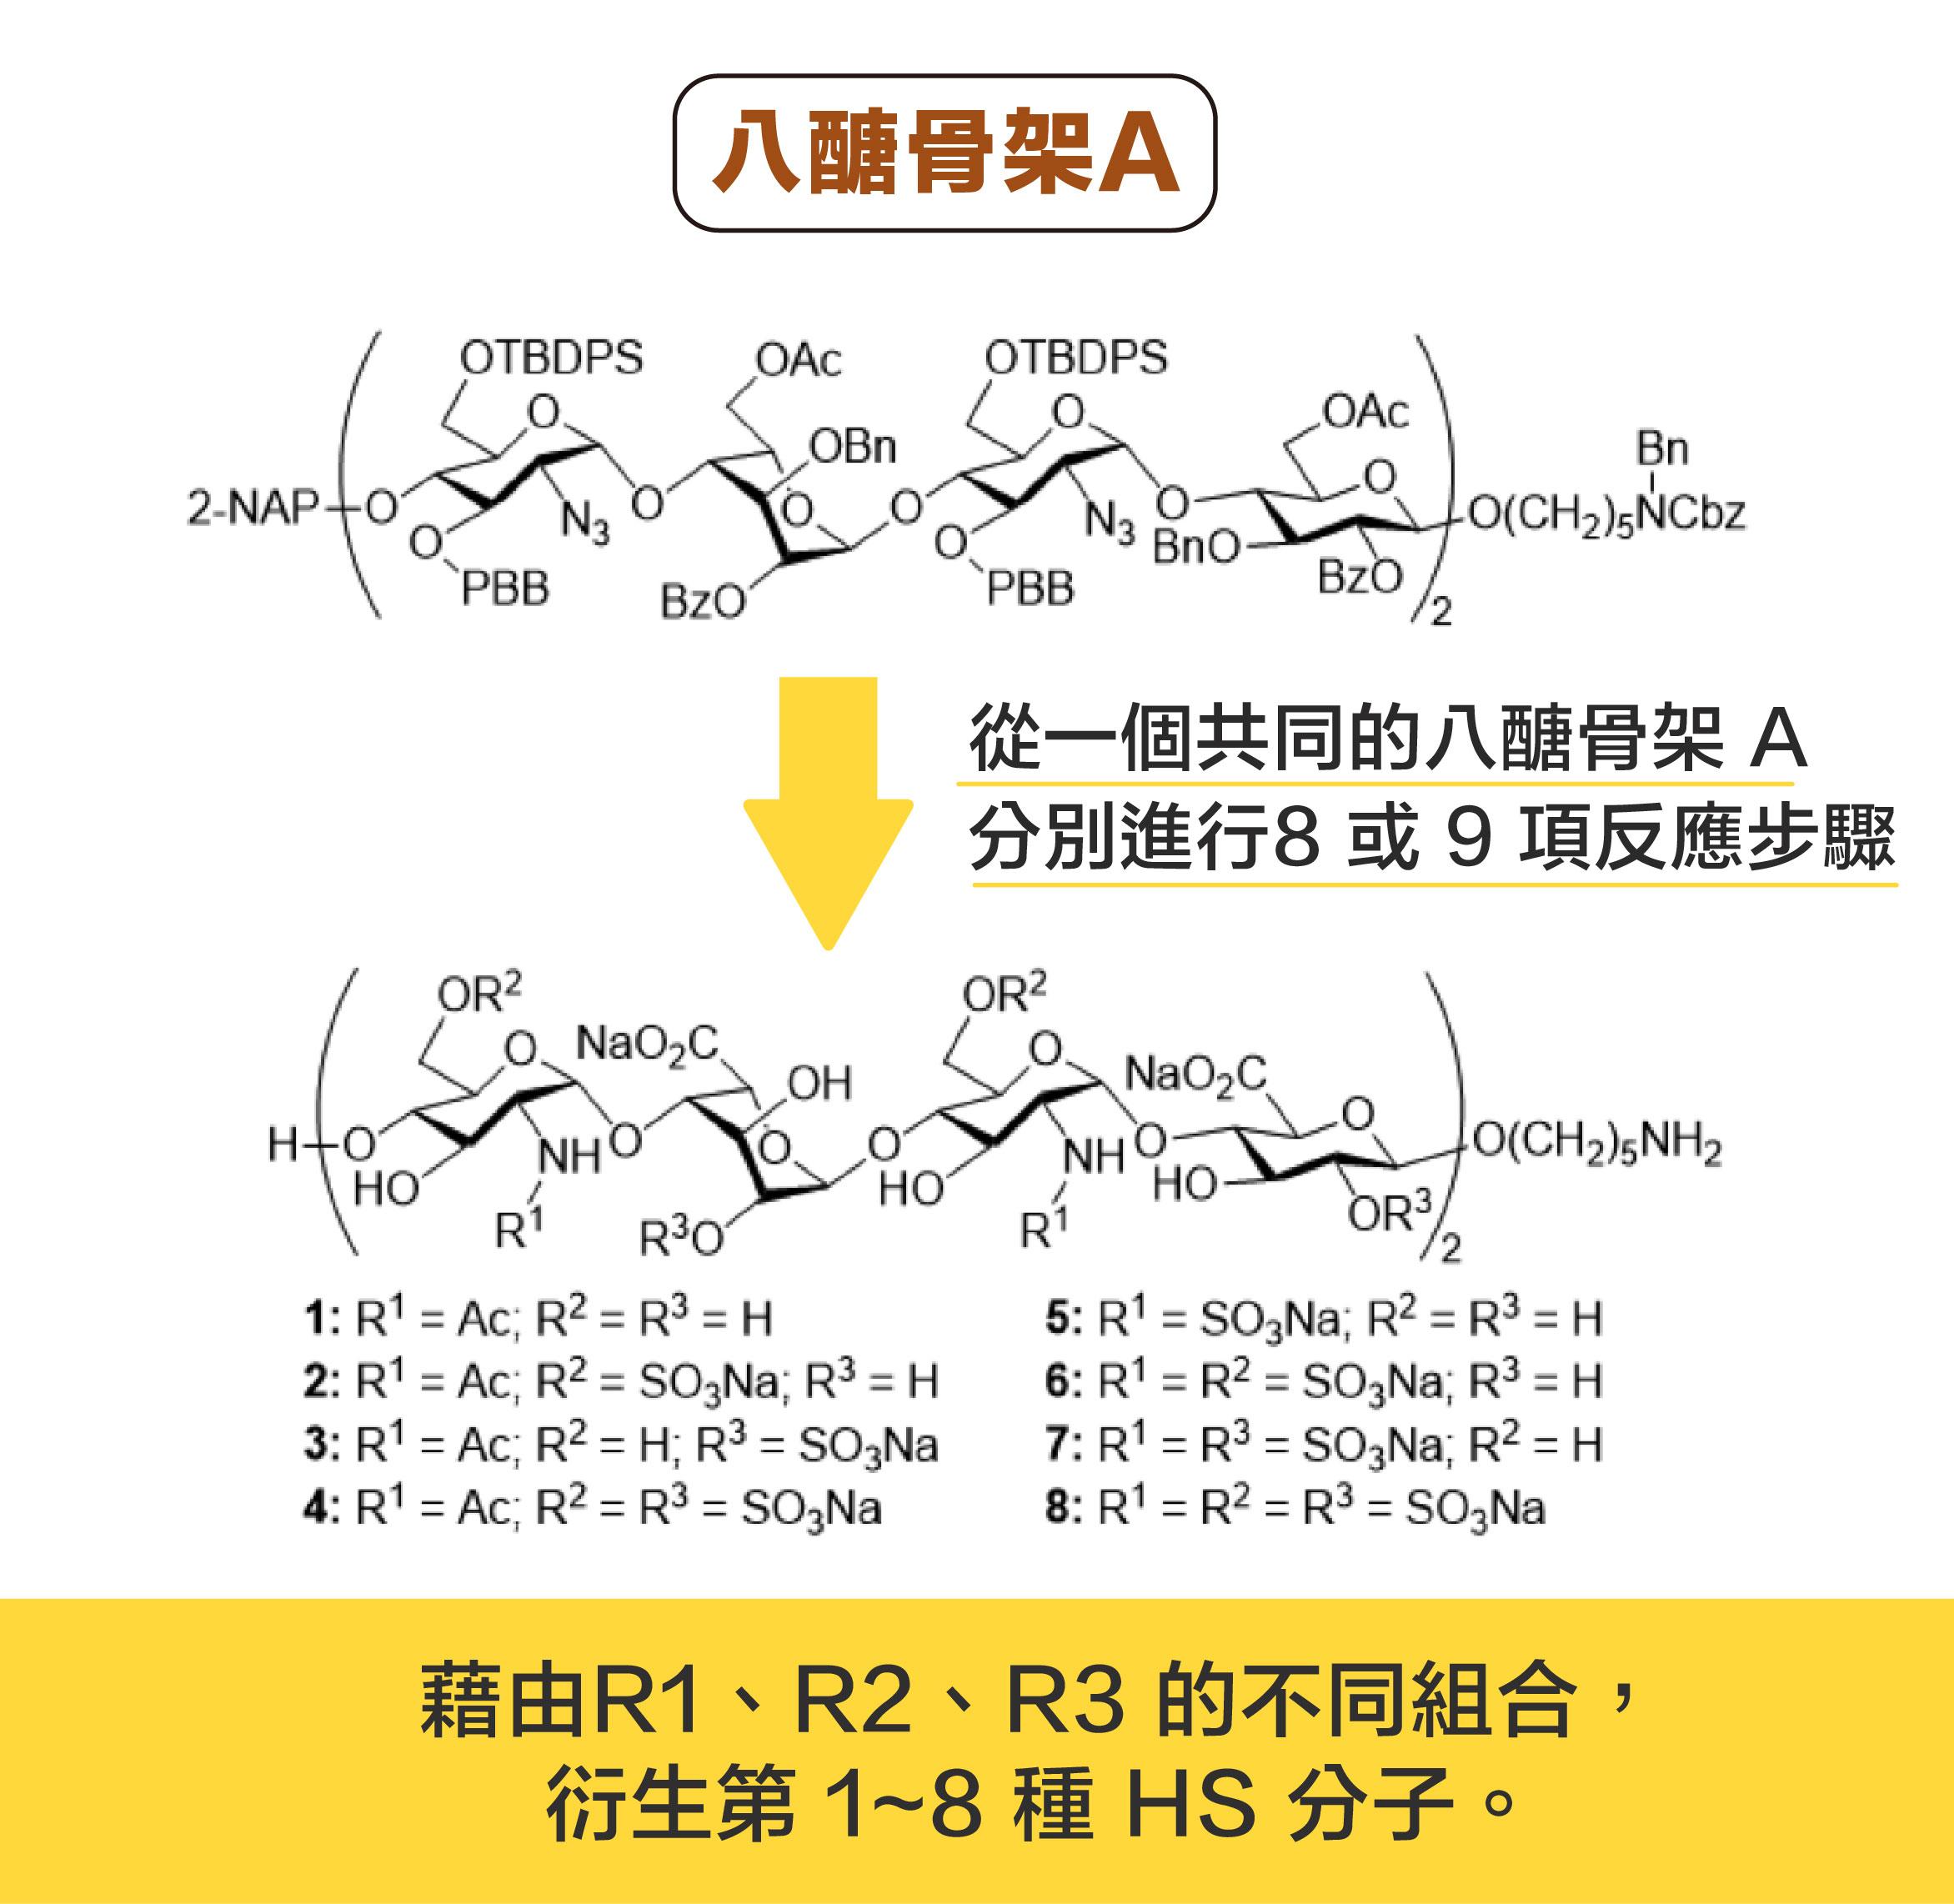 從一個共同的八醣骨架 A ,分別進行 8或 9 項反應步驟,可以衍生出 8 種 HS 分子。圖│研之有物 (資料來源│洪上程)